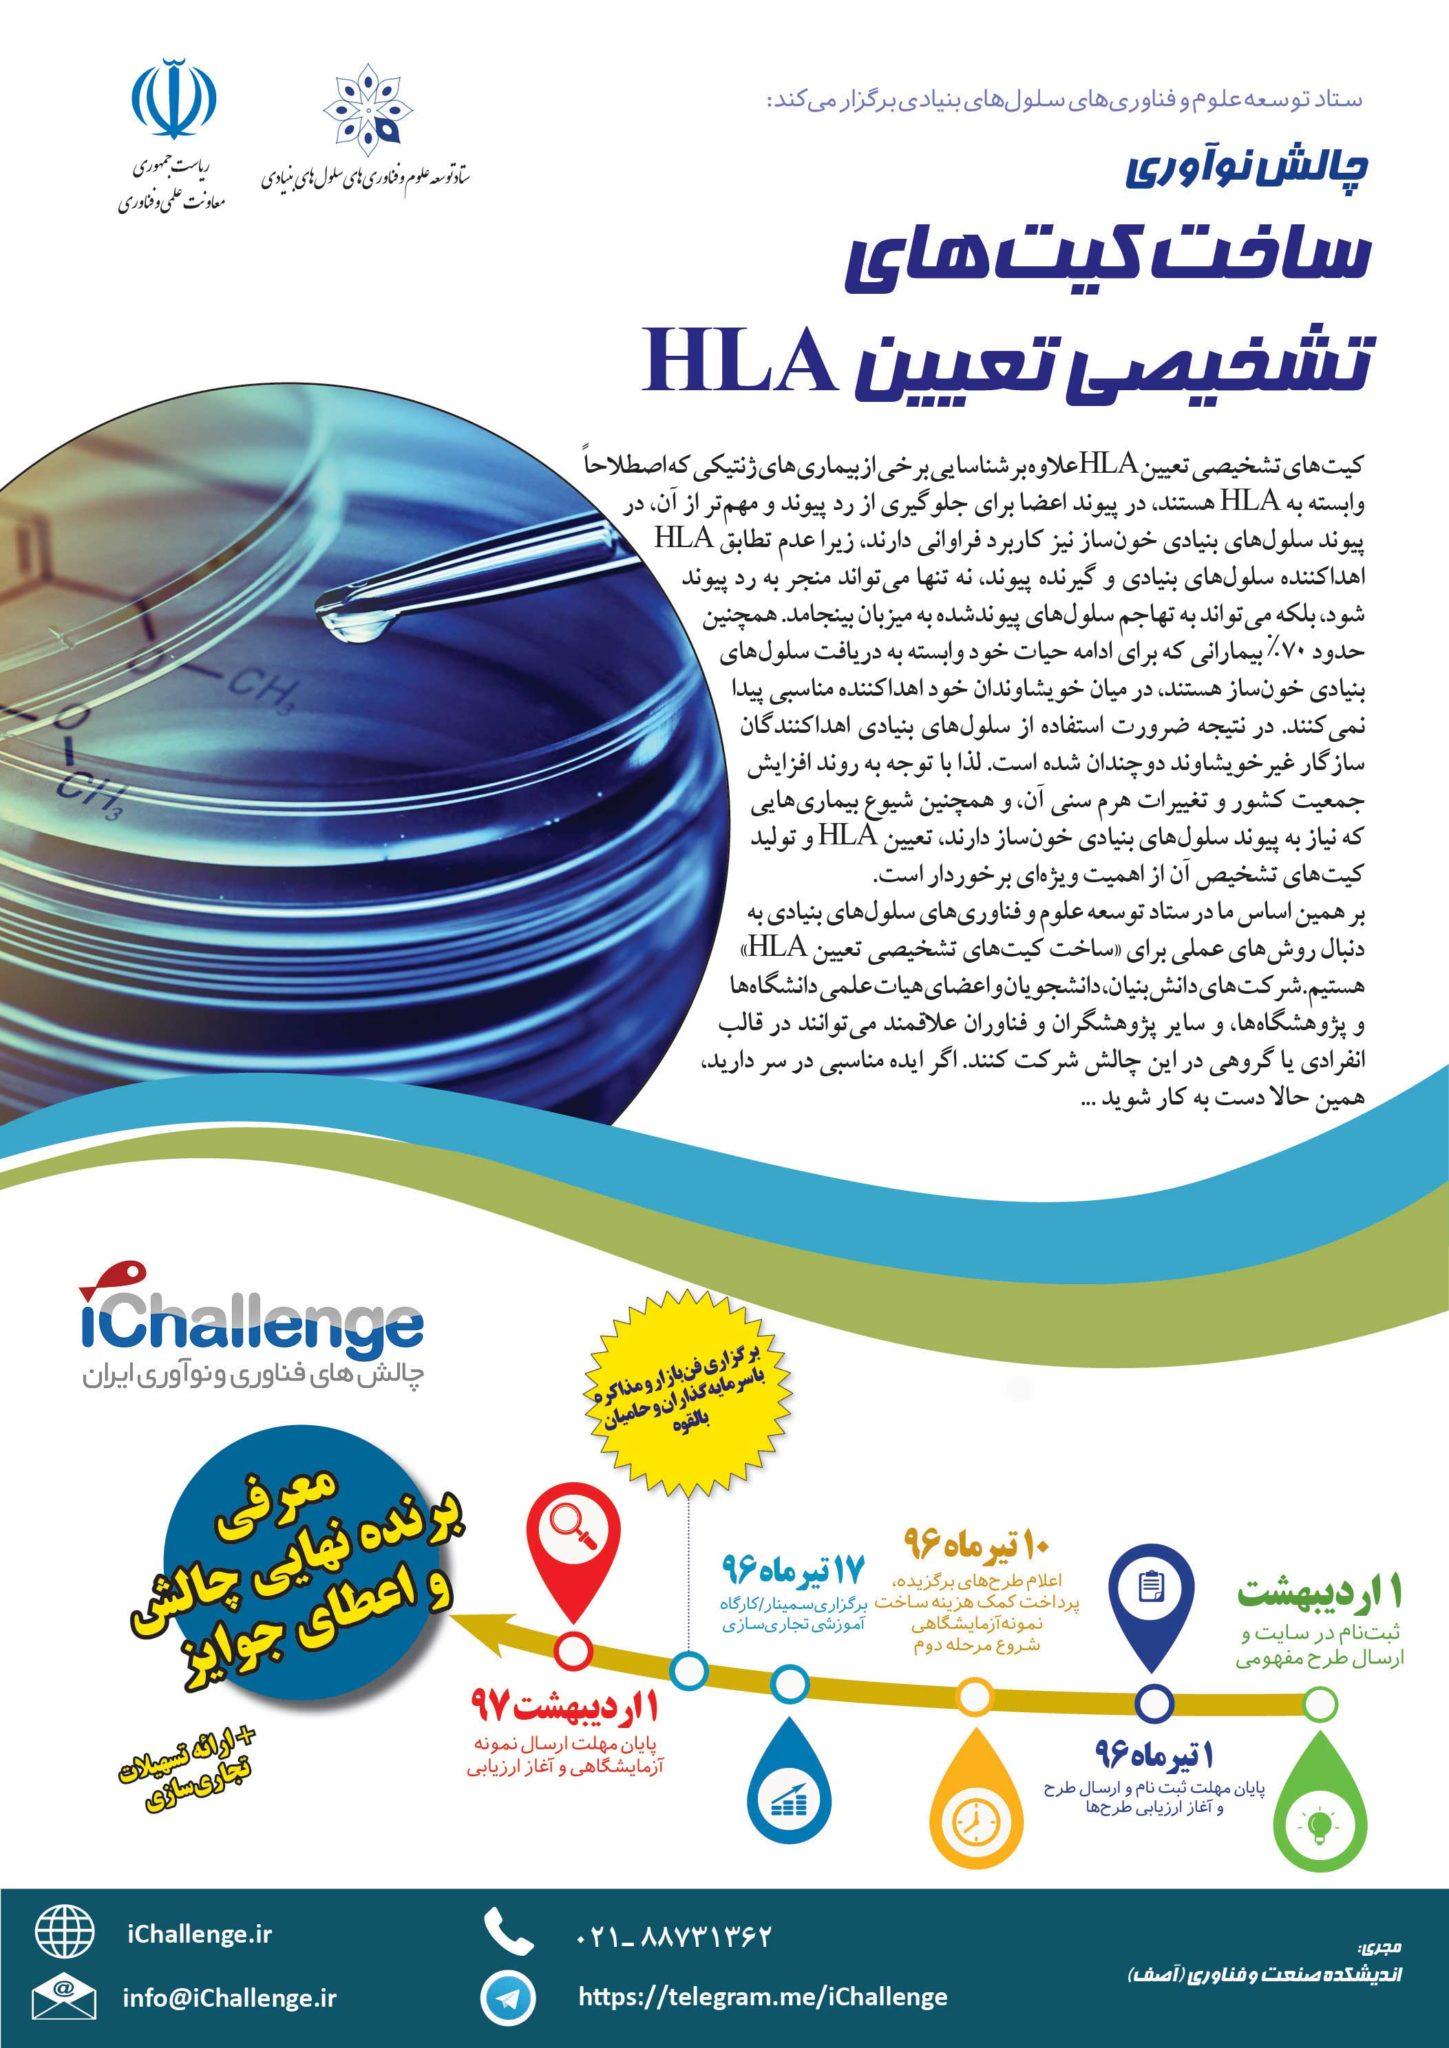 ساخت کیتهای تشخیصی تعیین HLA